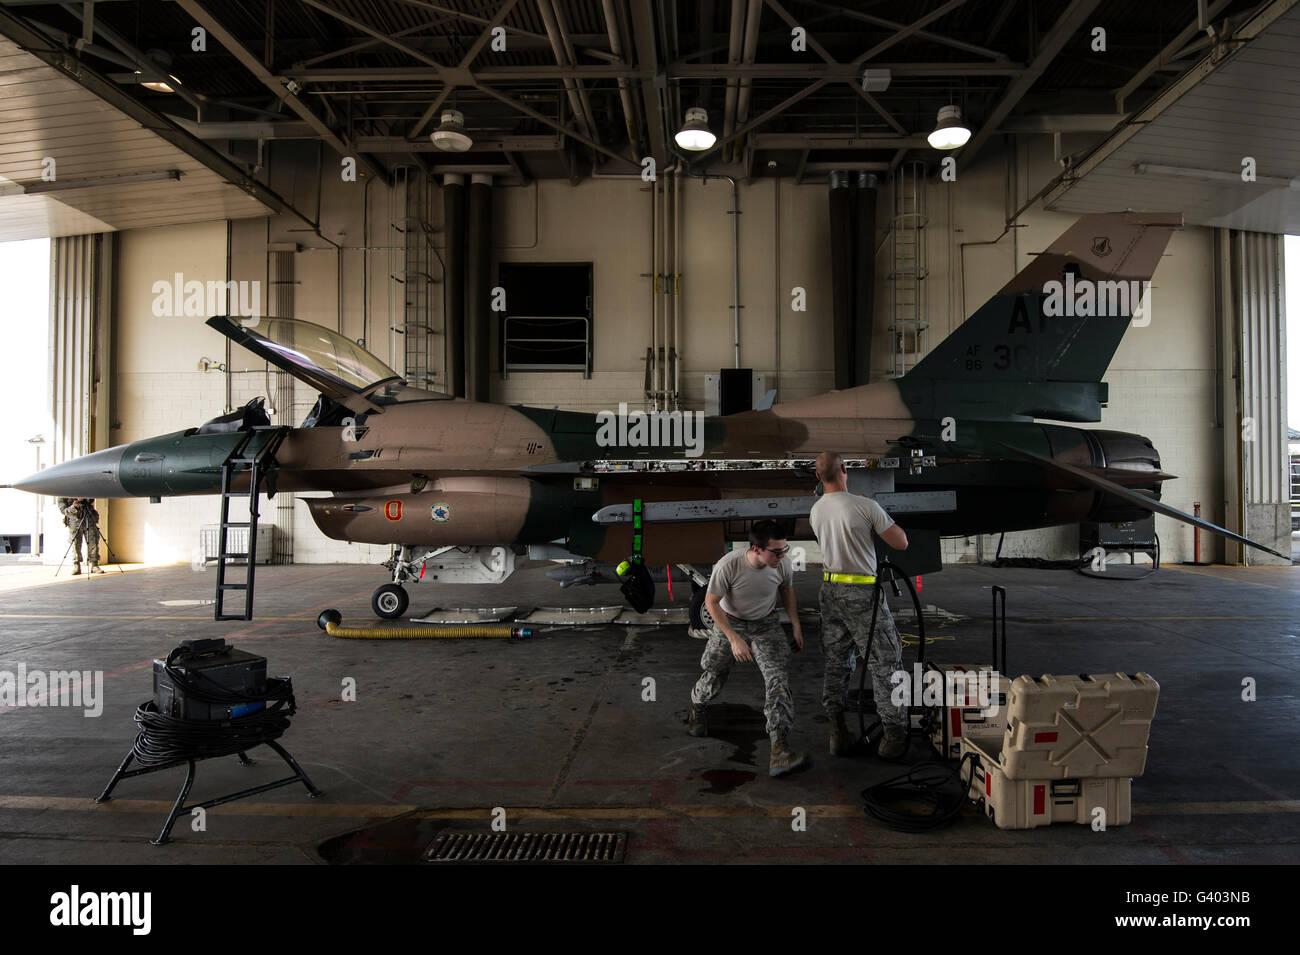 Avieri riparare i sistemi di armamenti su di un F-16C Fighting Falcon. Foto Stock